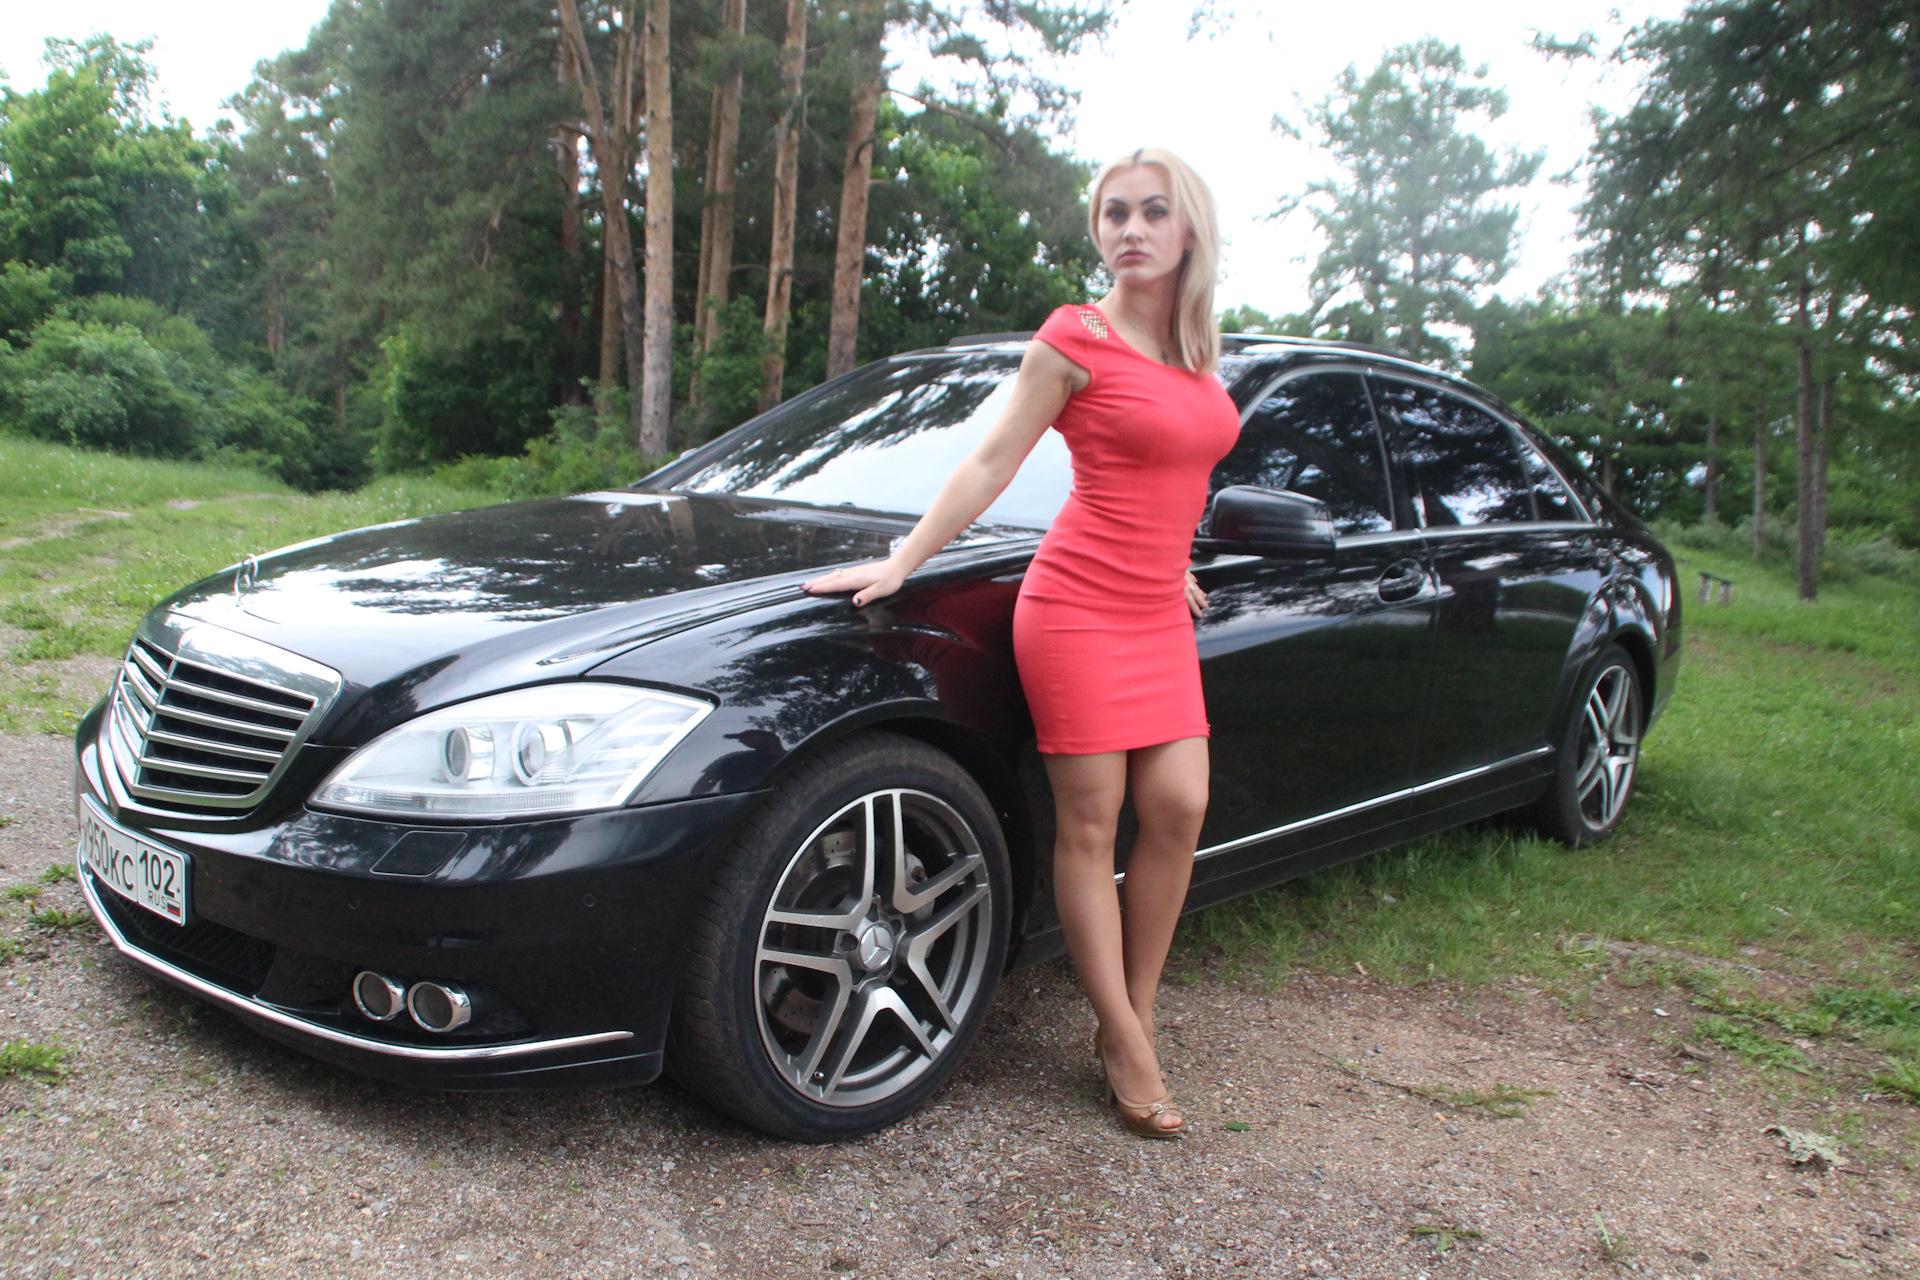 Домашнее русское порно со страпоном онлайн бартон